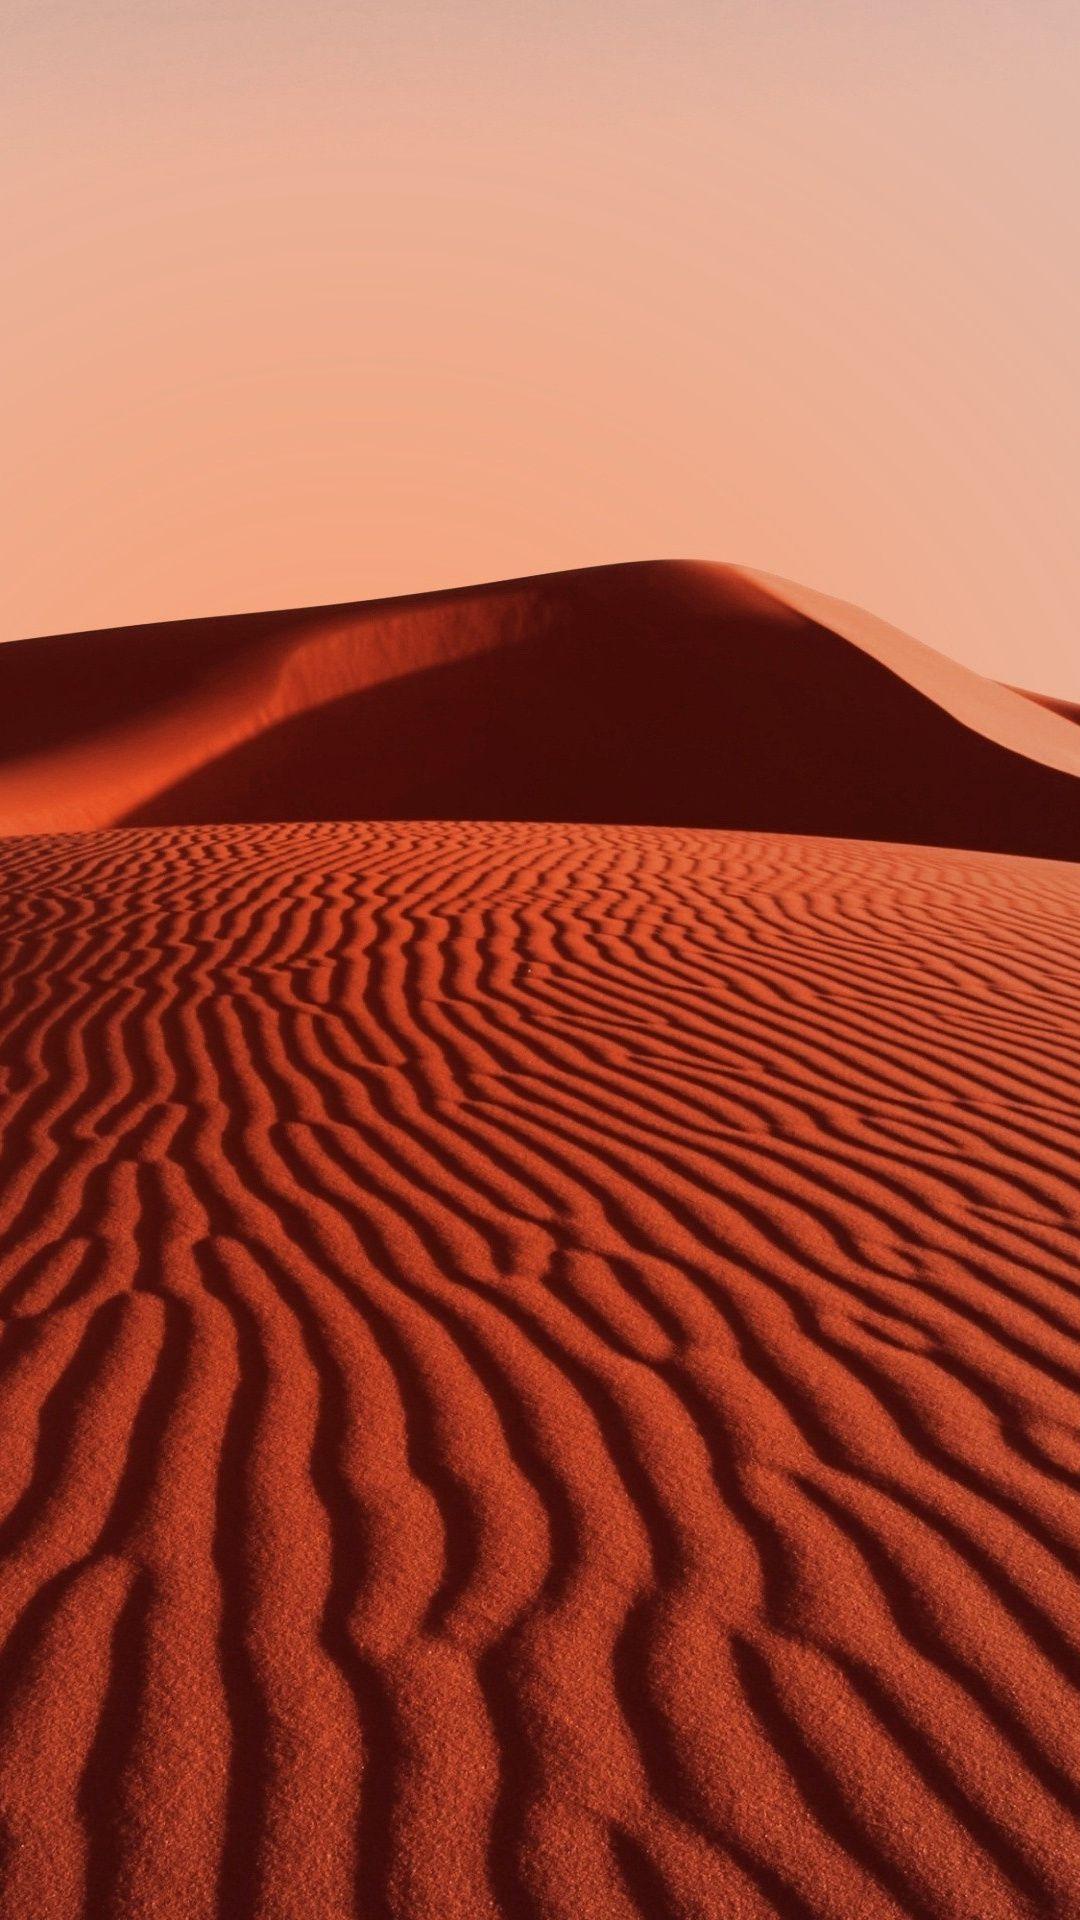 Desert Wallpaper